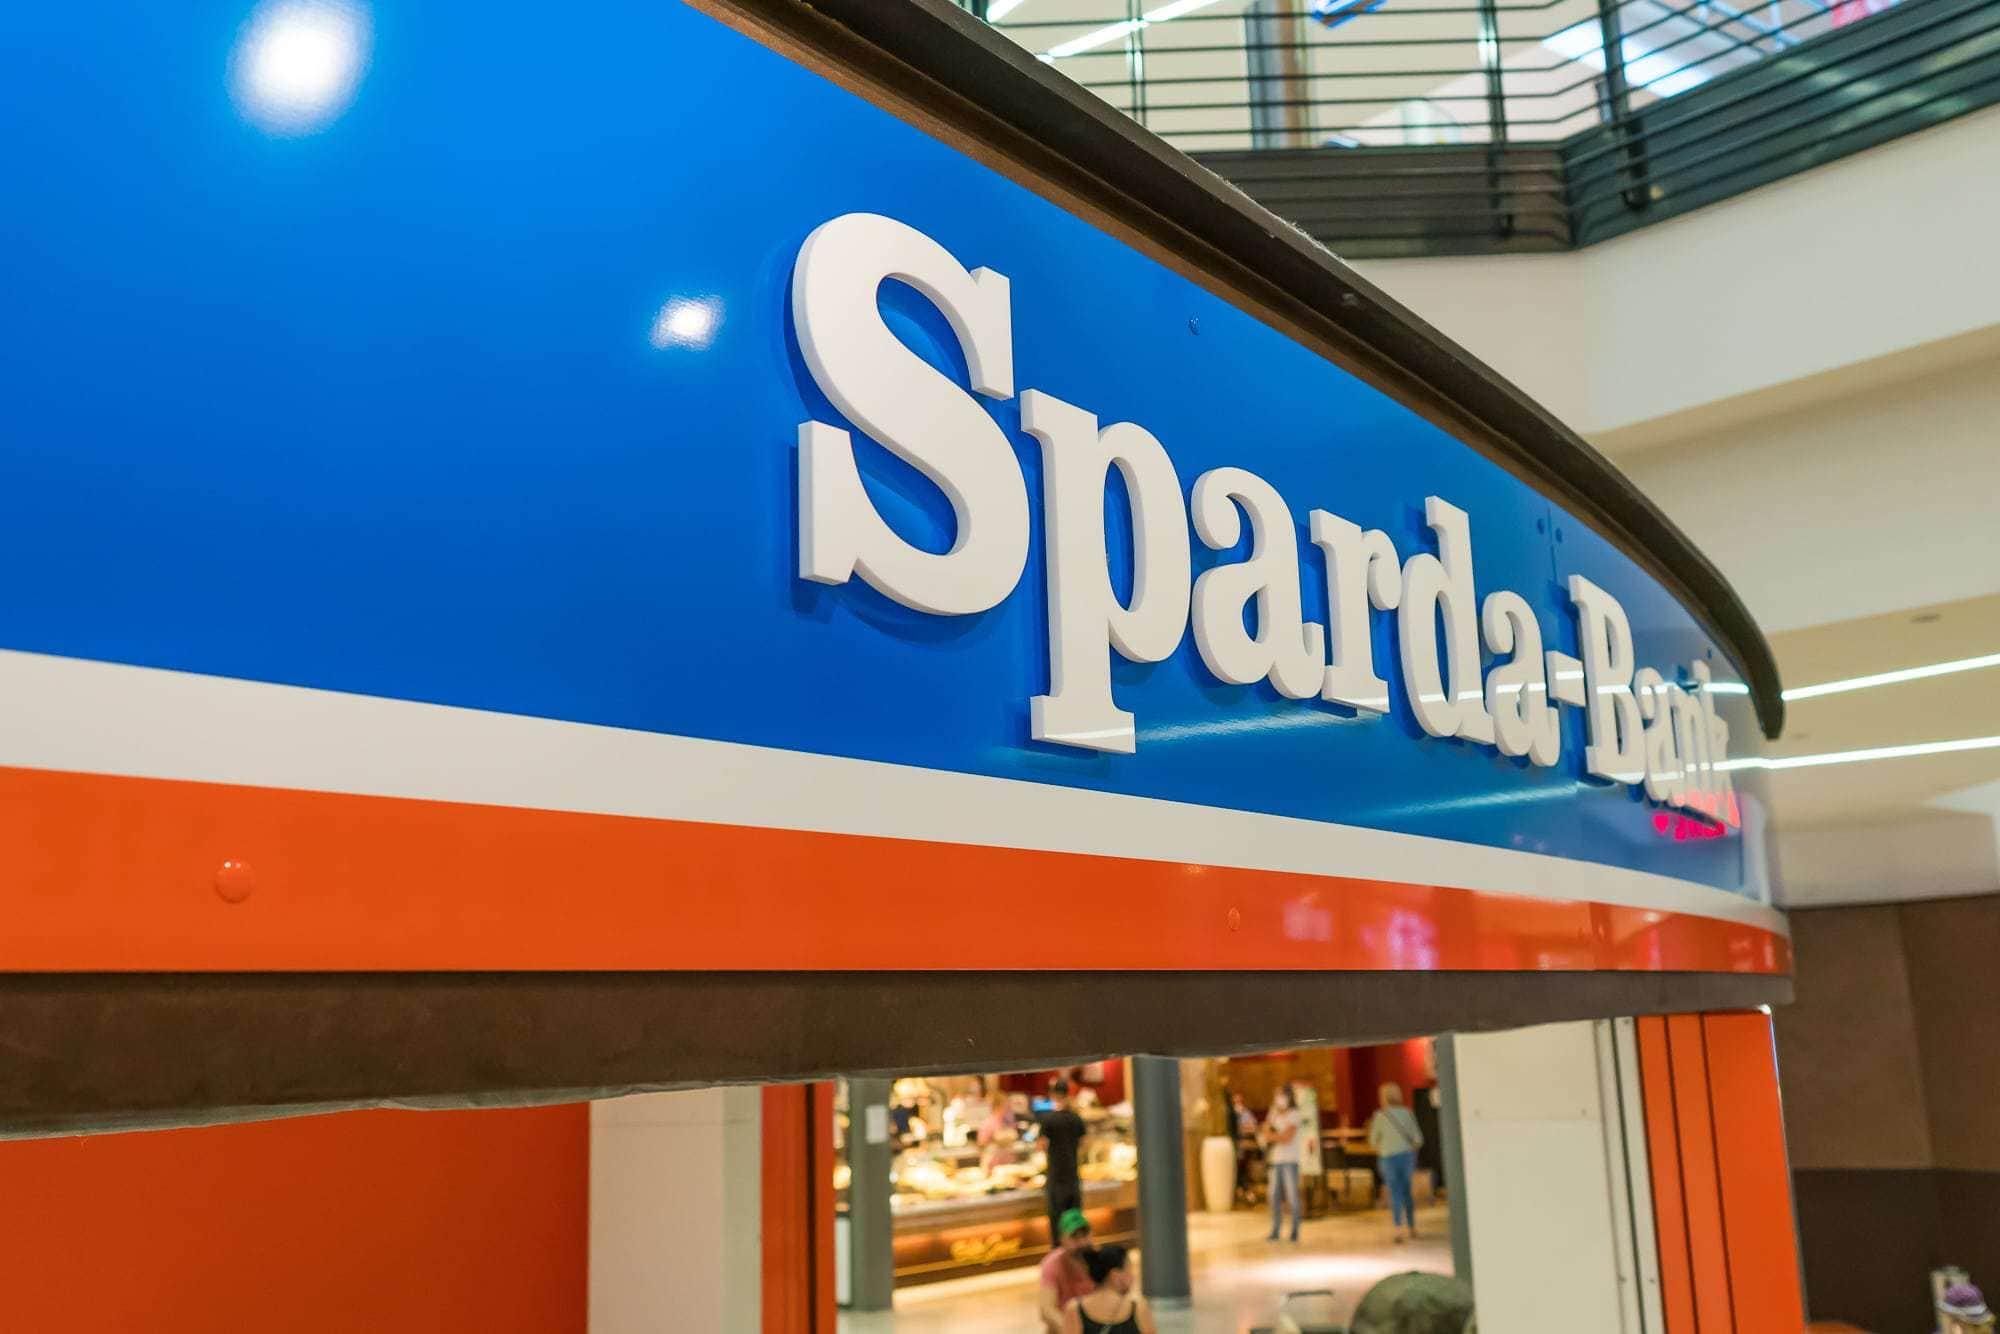 Beschilderung für die Sparta-Bank. Buchstaben aus Plexiglas wurden vor eine Blende aus Alu-Dibond montiert